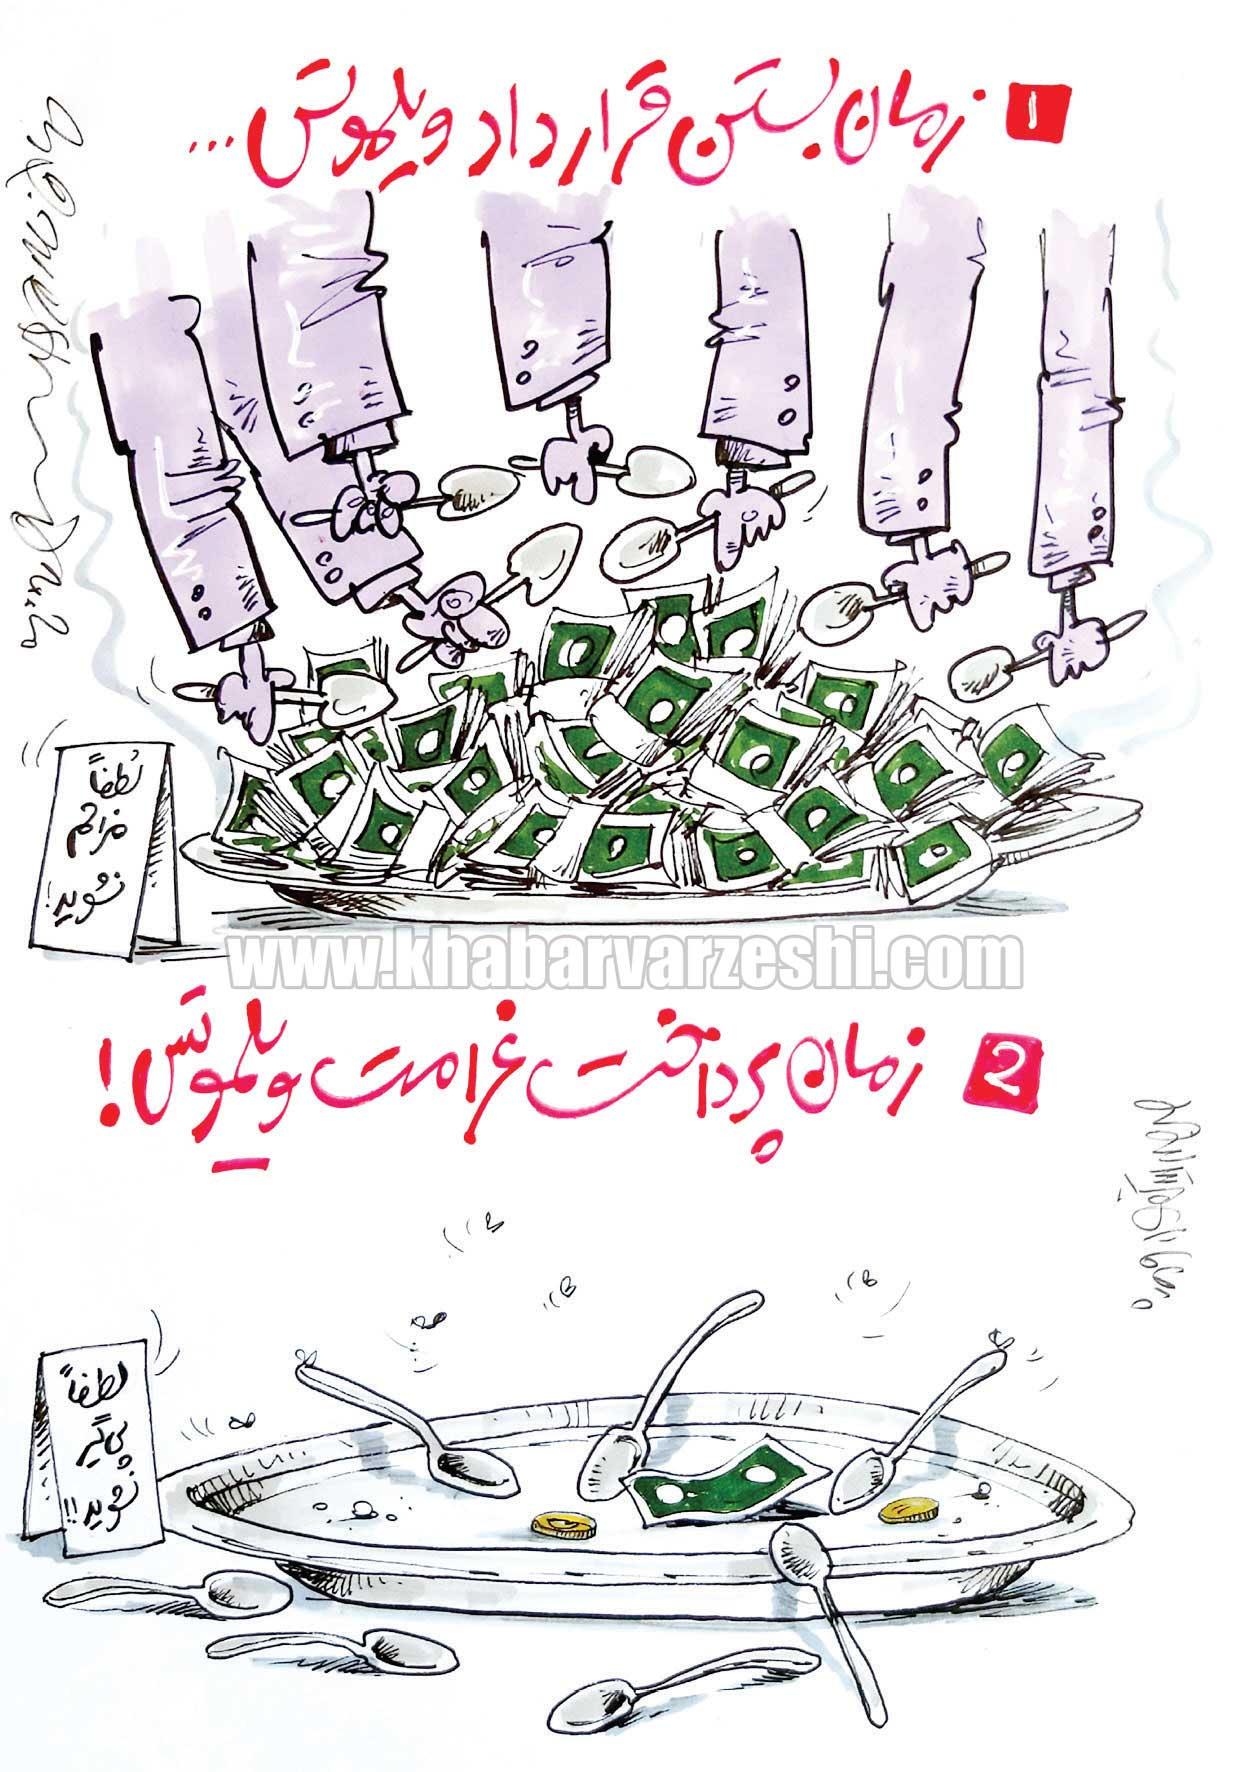 کارتون محمدرضا میرشاهولد درباره بستن قرارداد ویلموتس و زمان پرداخت غرامت